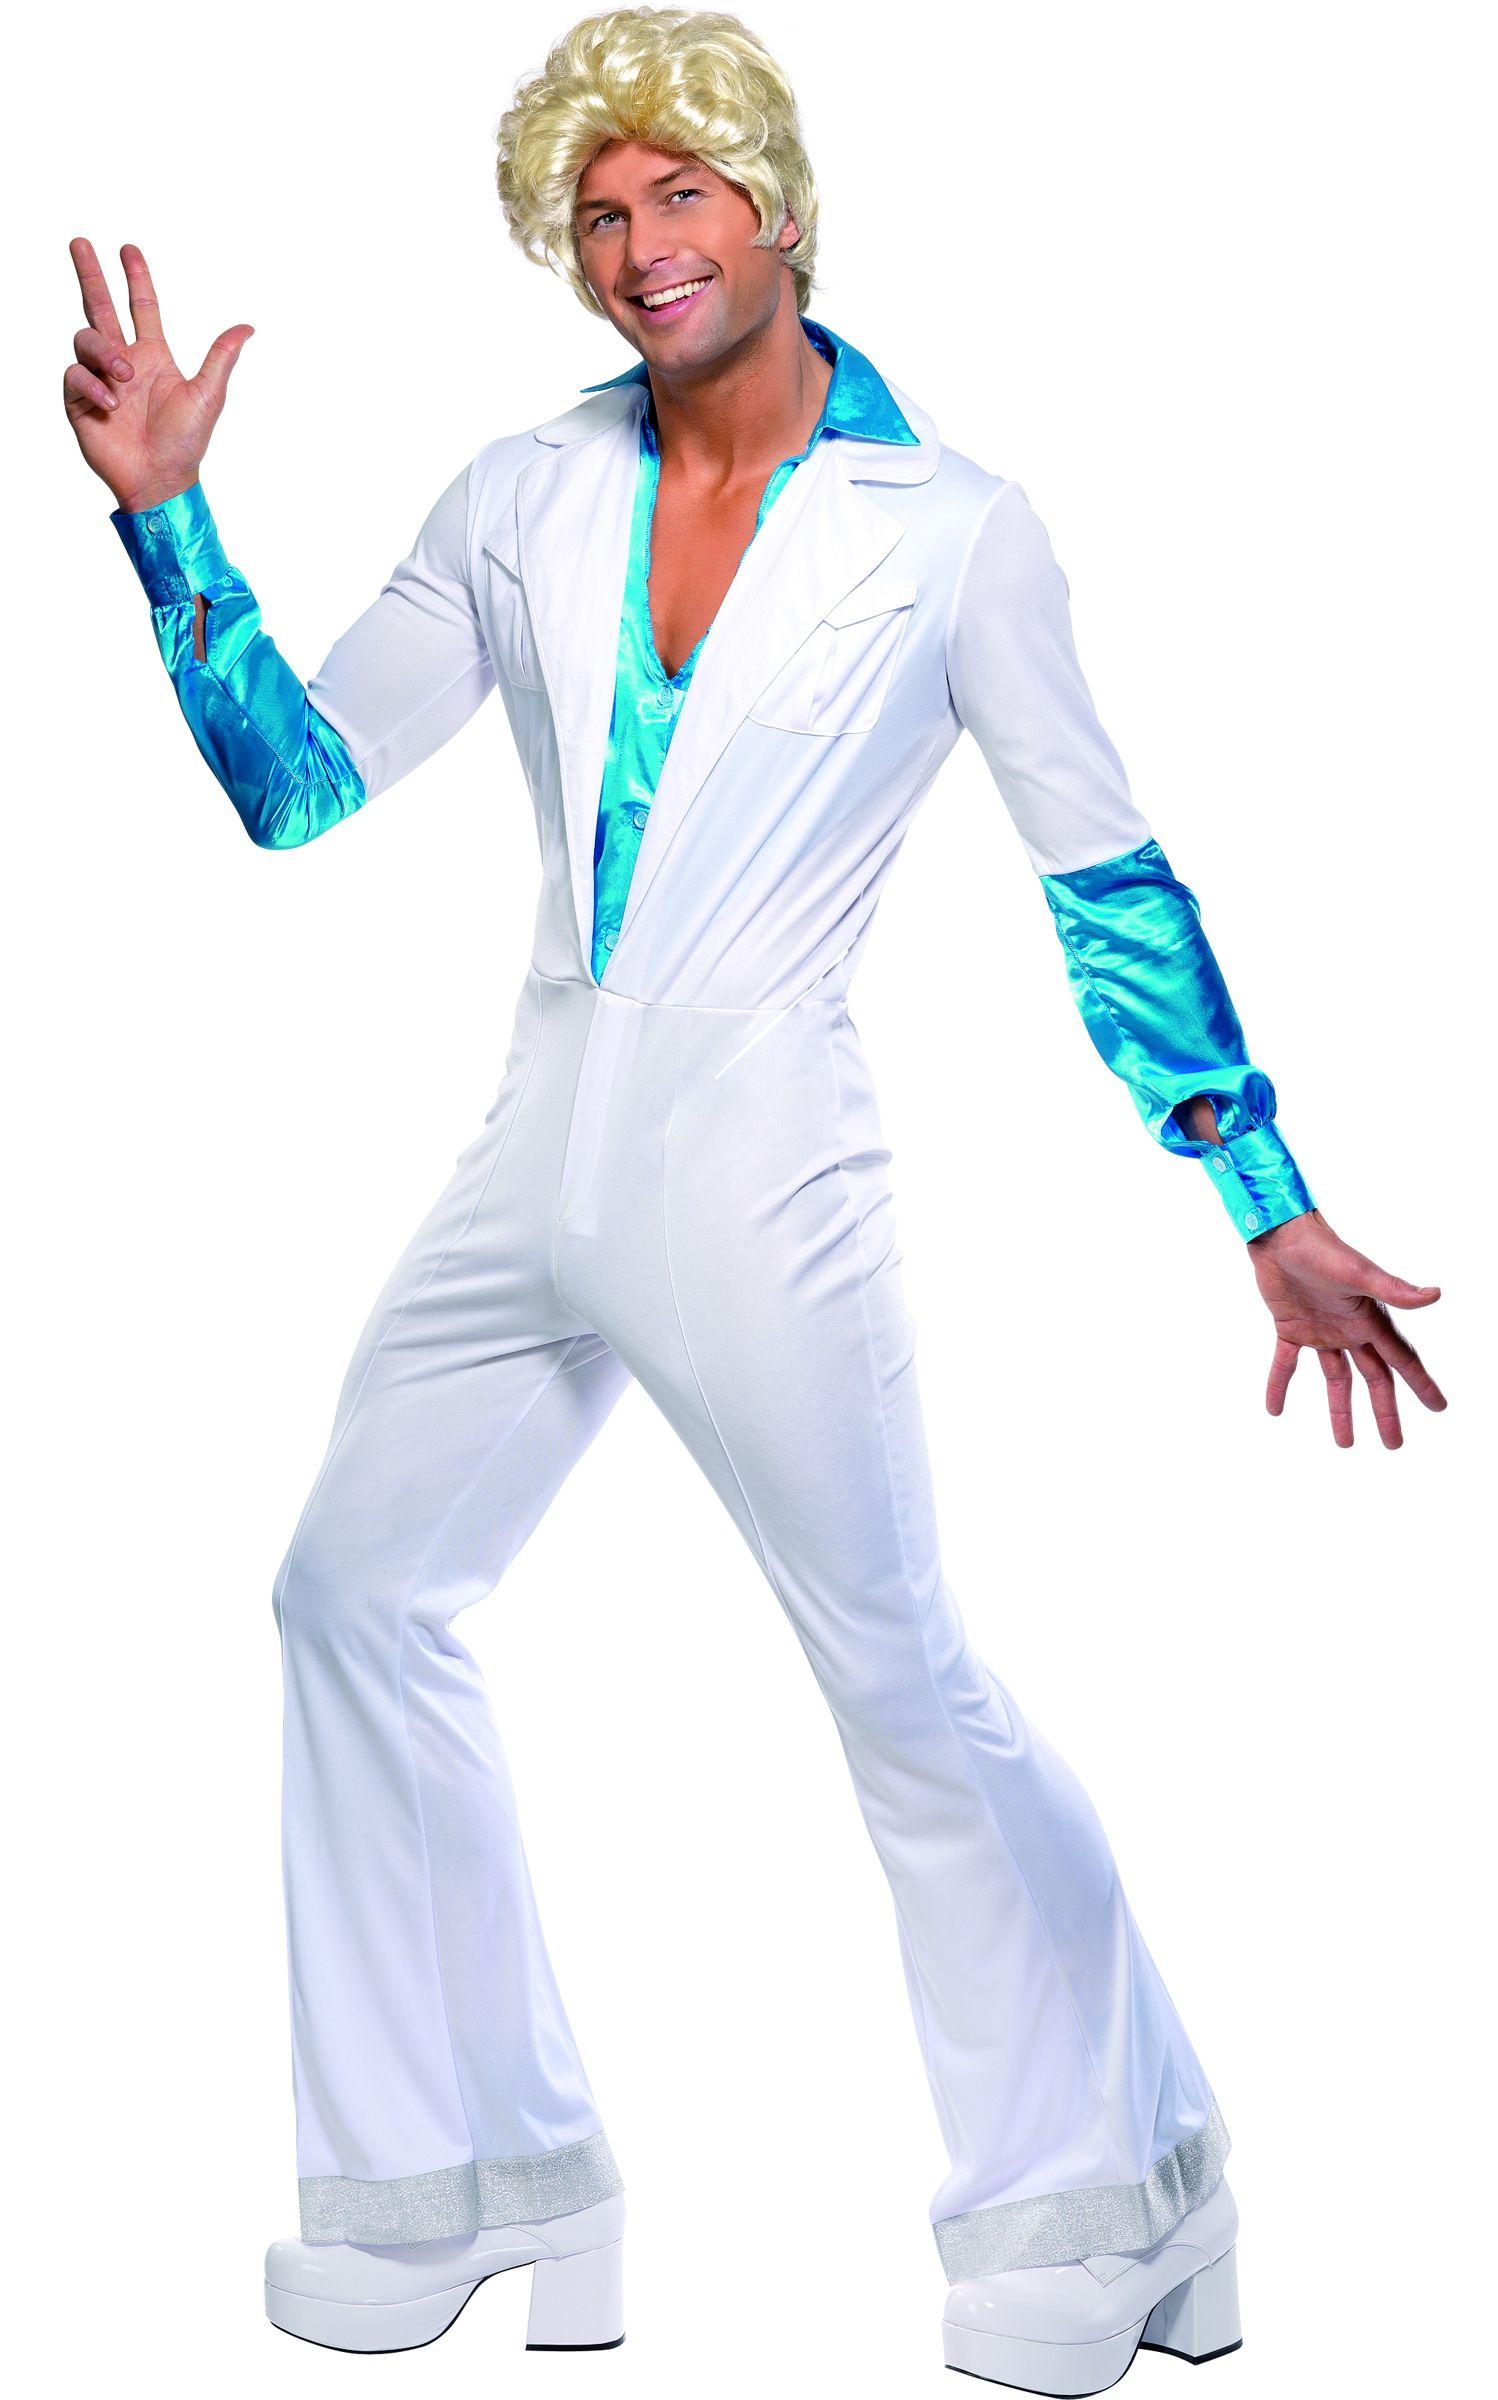 7e63e04f15f3 Costume disco uomo  Questo travestimento da discoteca per uomo è composto da  una tuta bianca